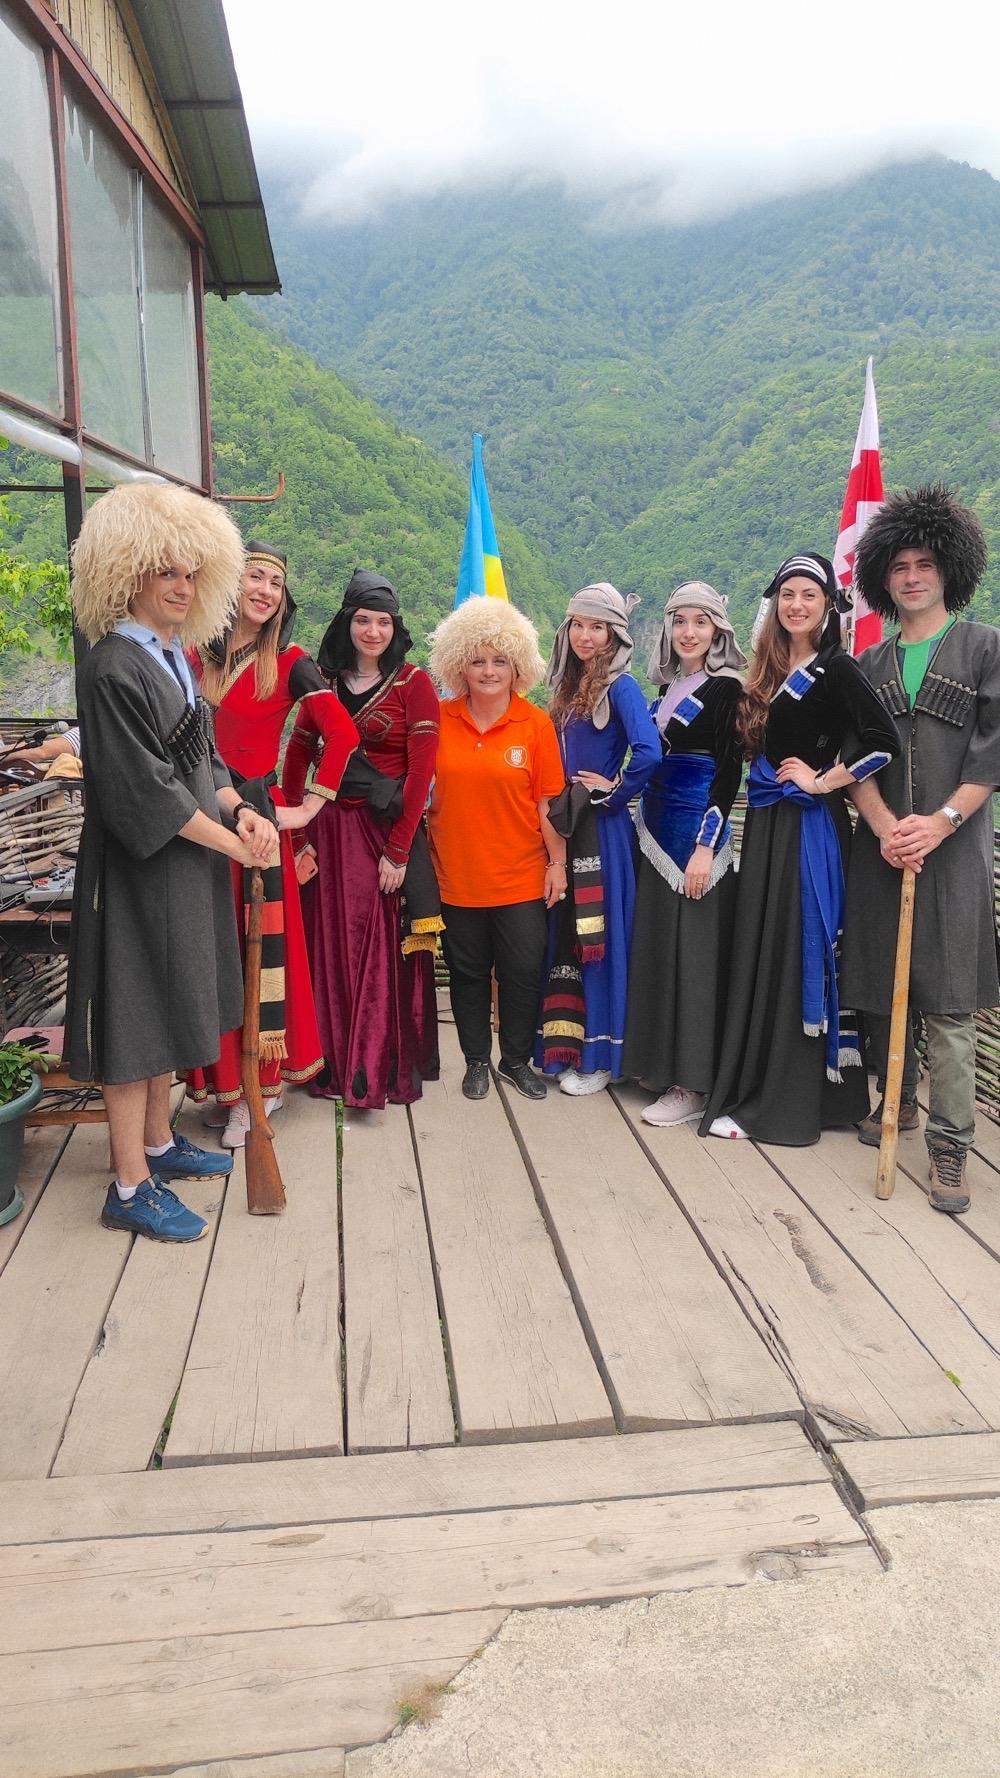 Грузия: Аджария, Мегрелия и другие месьа - фото №10